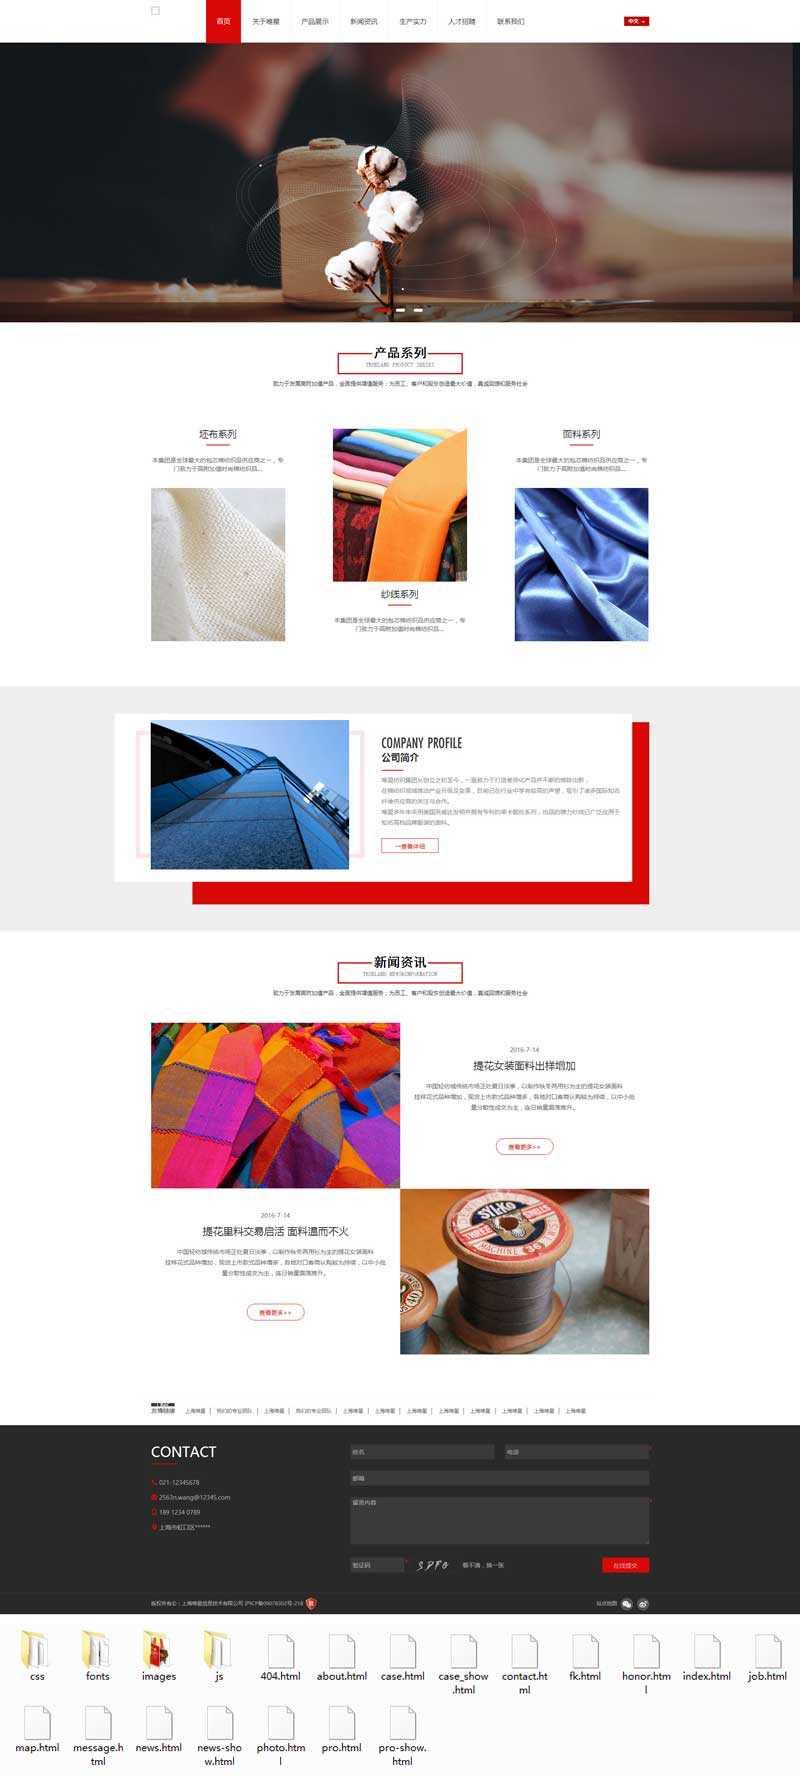 大气的衣服纺织布料生产类网站html5模板